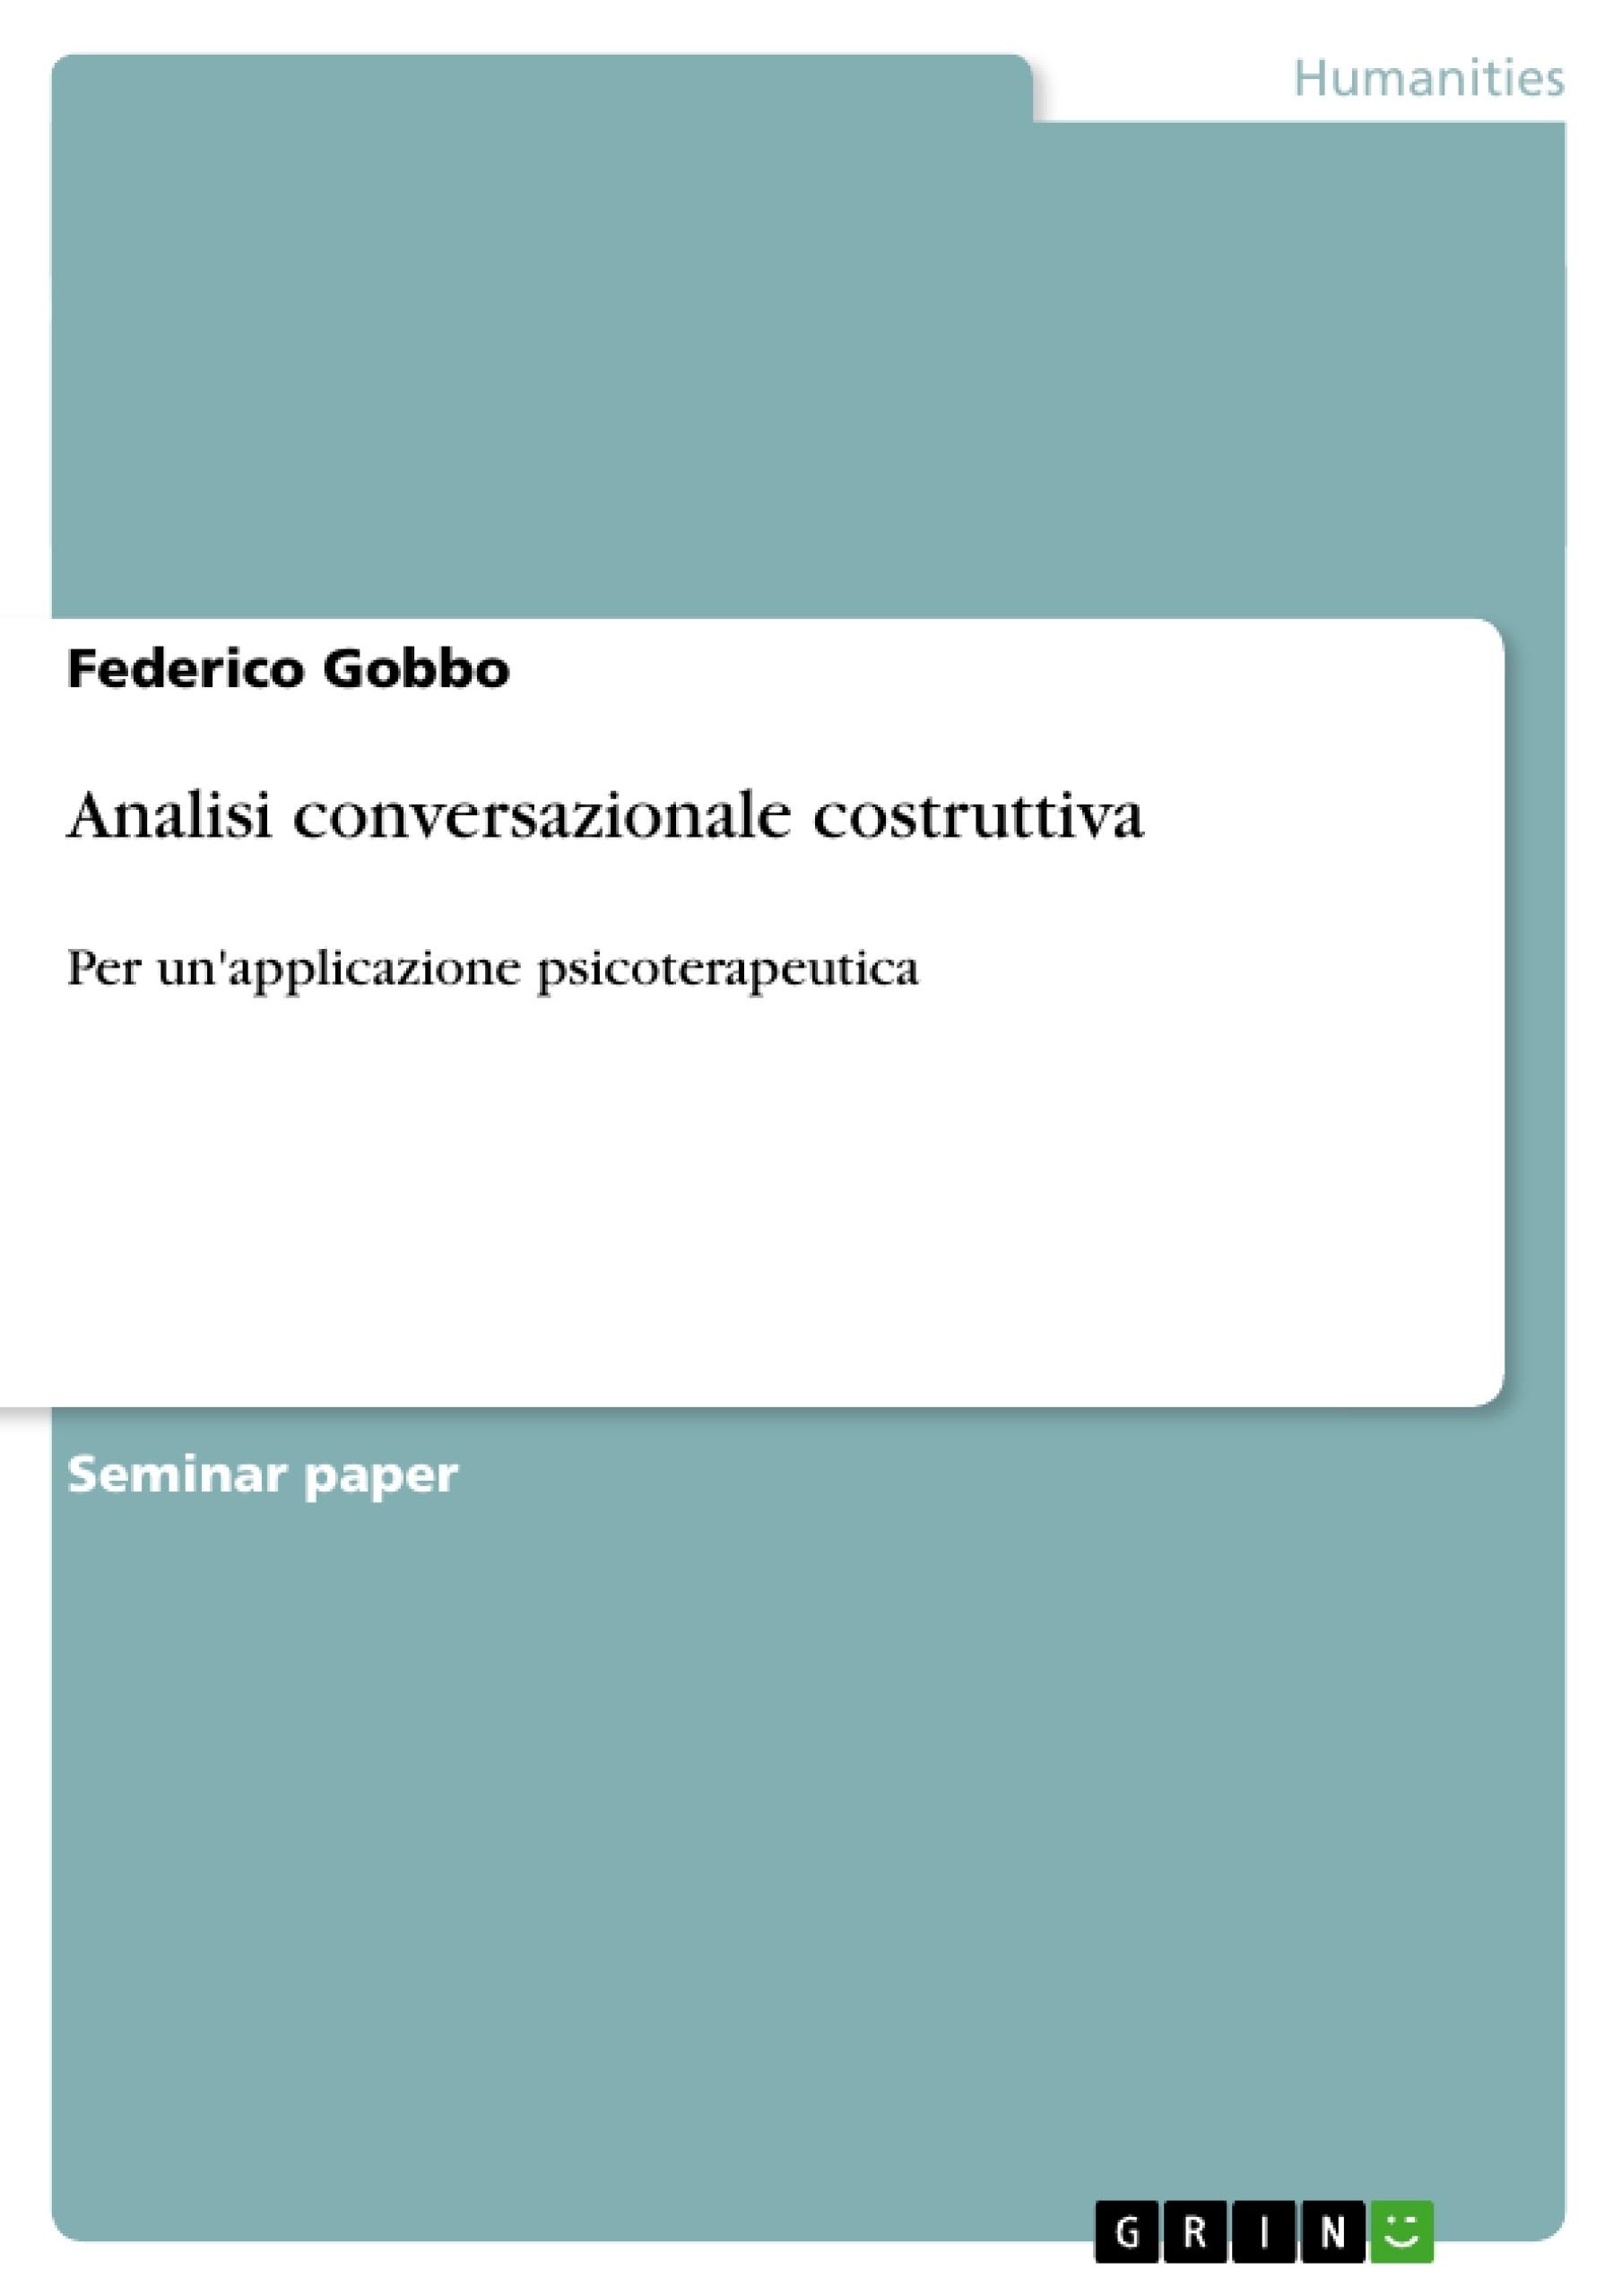 Title: Analisi conversazionale costruttiva